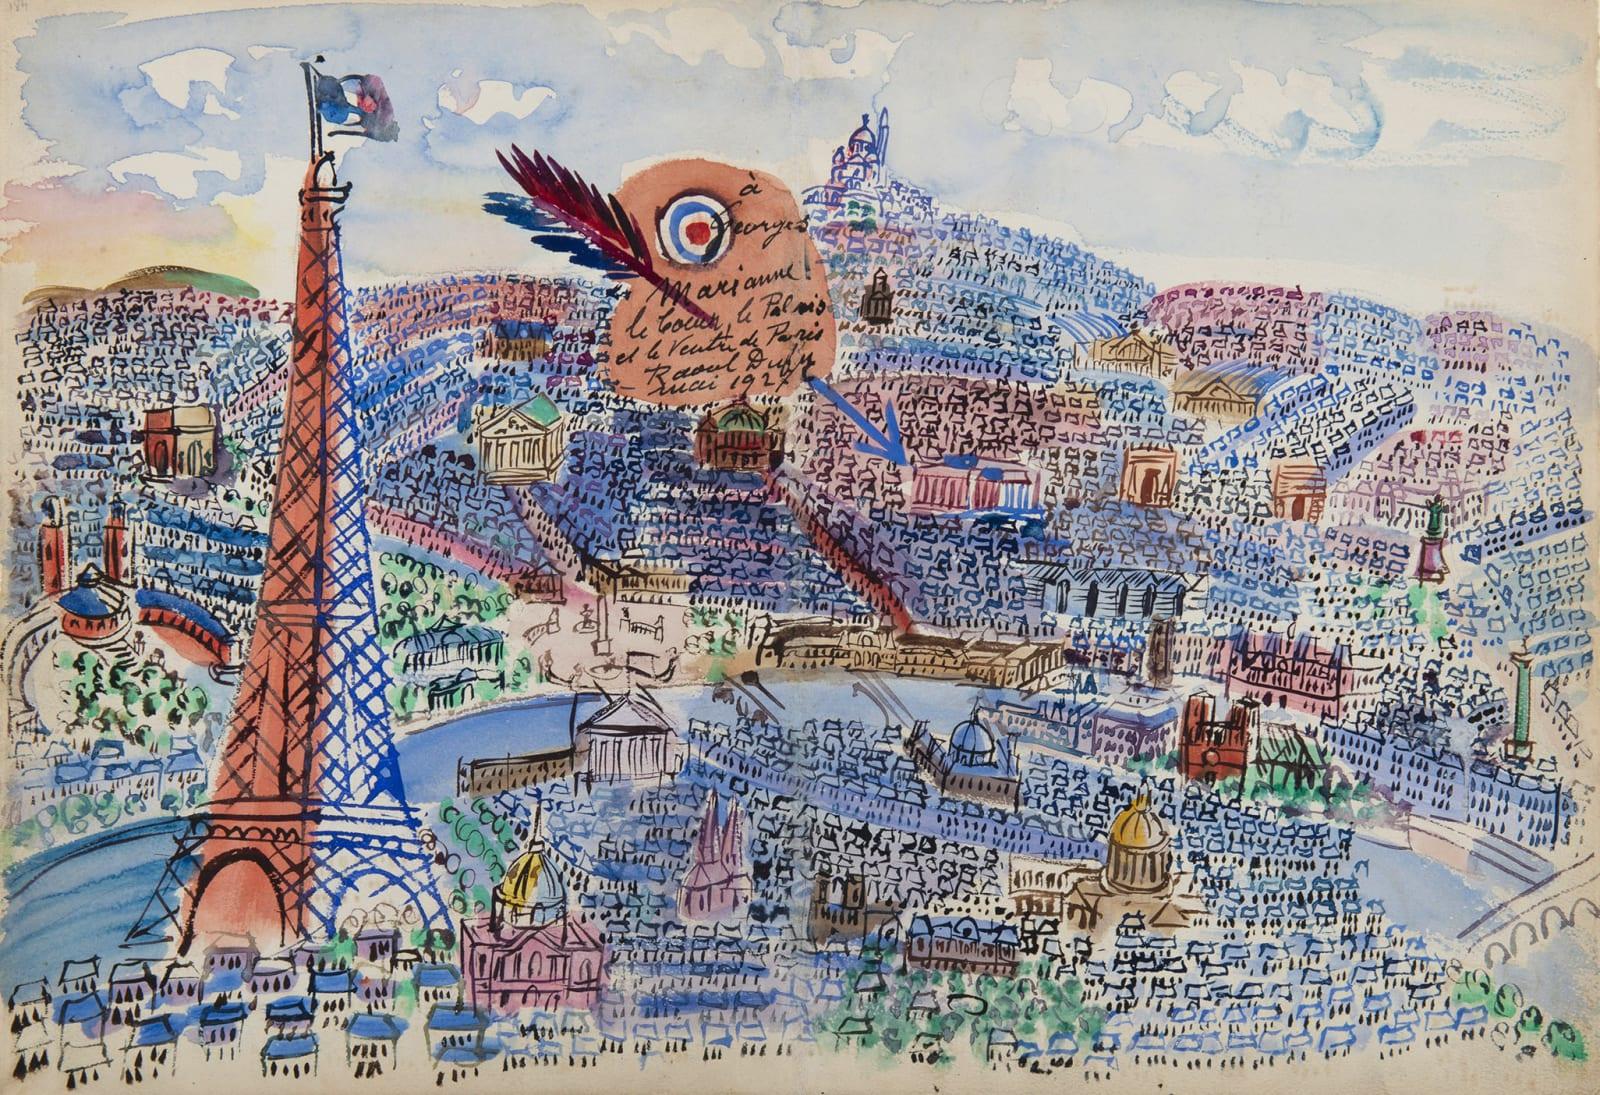 RAOUL DUFY, Paris, Livre d'or de Marianne, 1927